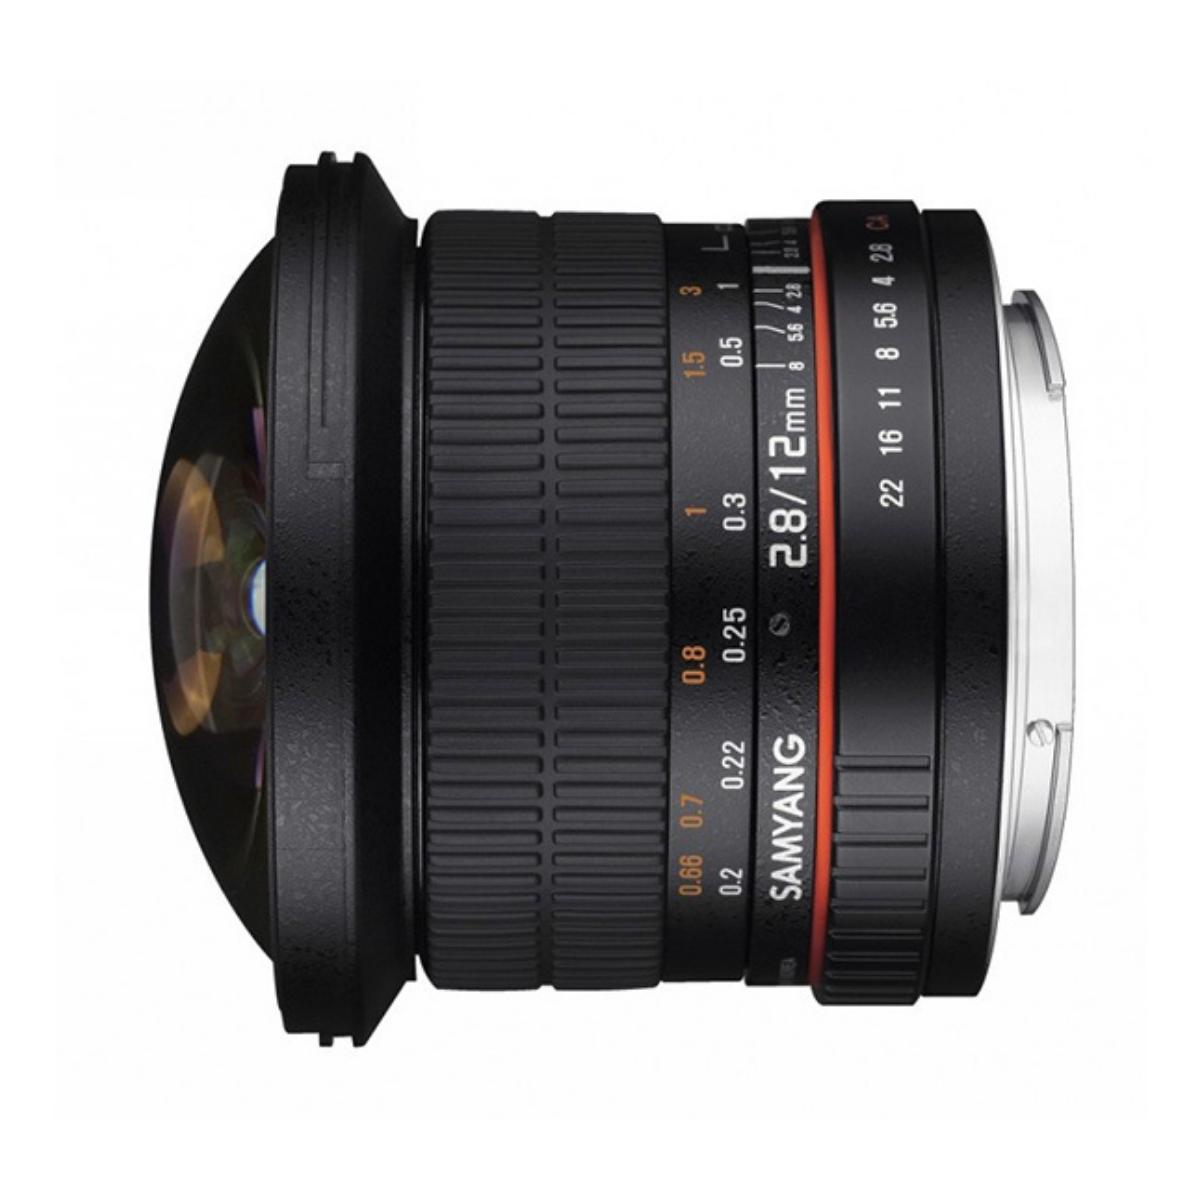 Samyang 12mm f/2.8 ED AS NCS Fisheye Lens for Sony E Mount - Black